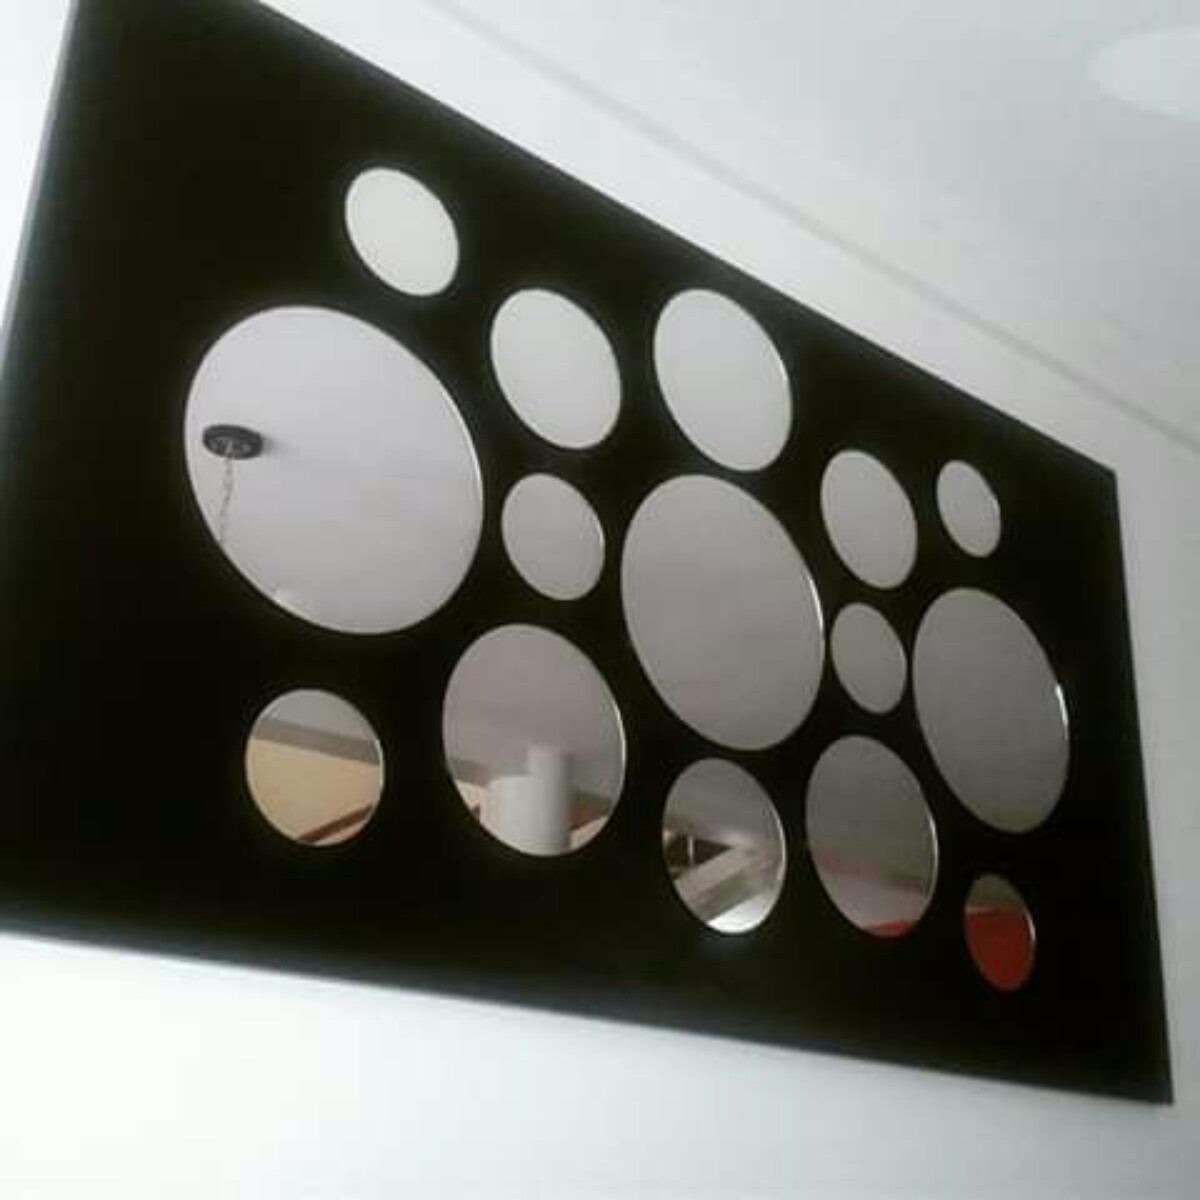 Cuadro m nimalista consola con espejos mdf melaminico bs for Espejos decorativos con formas